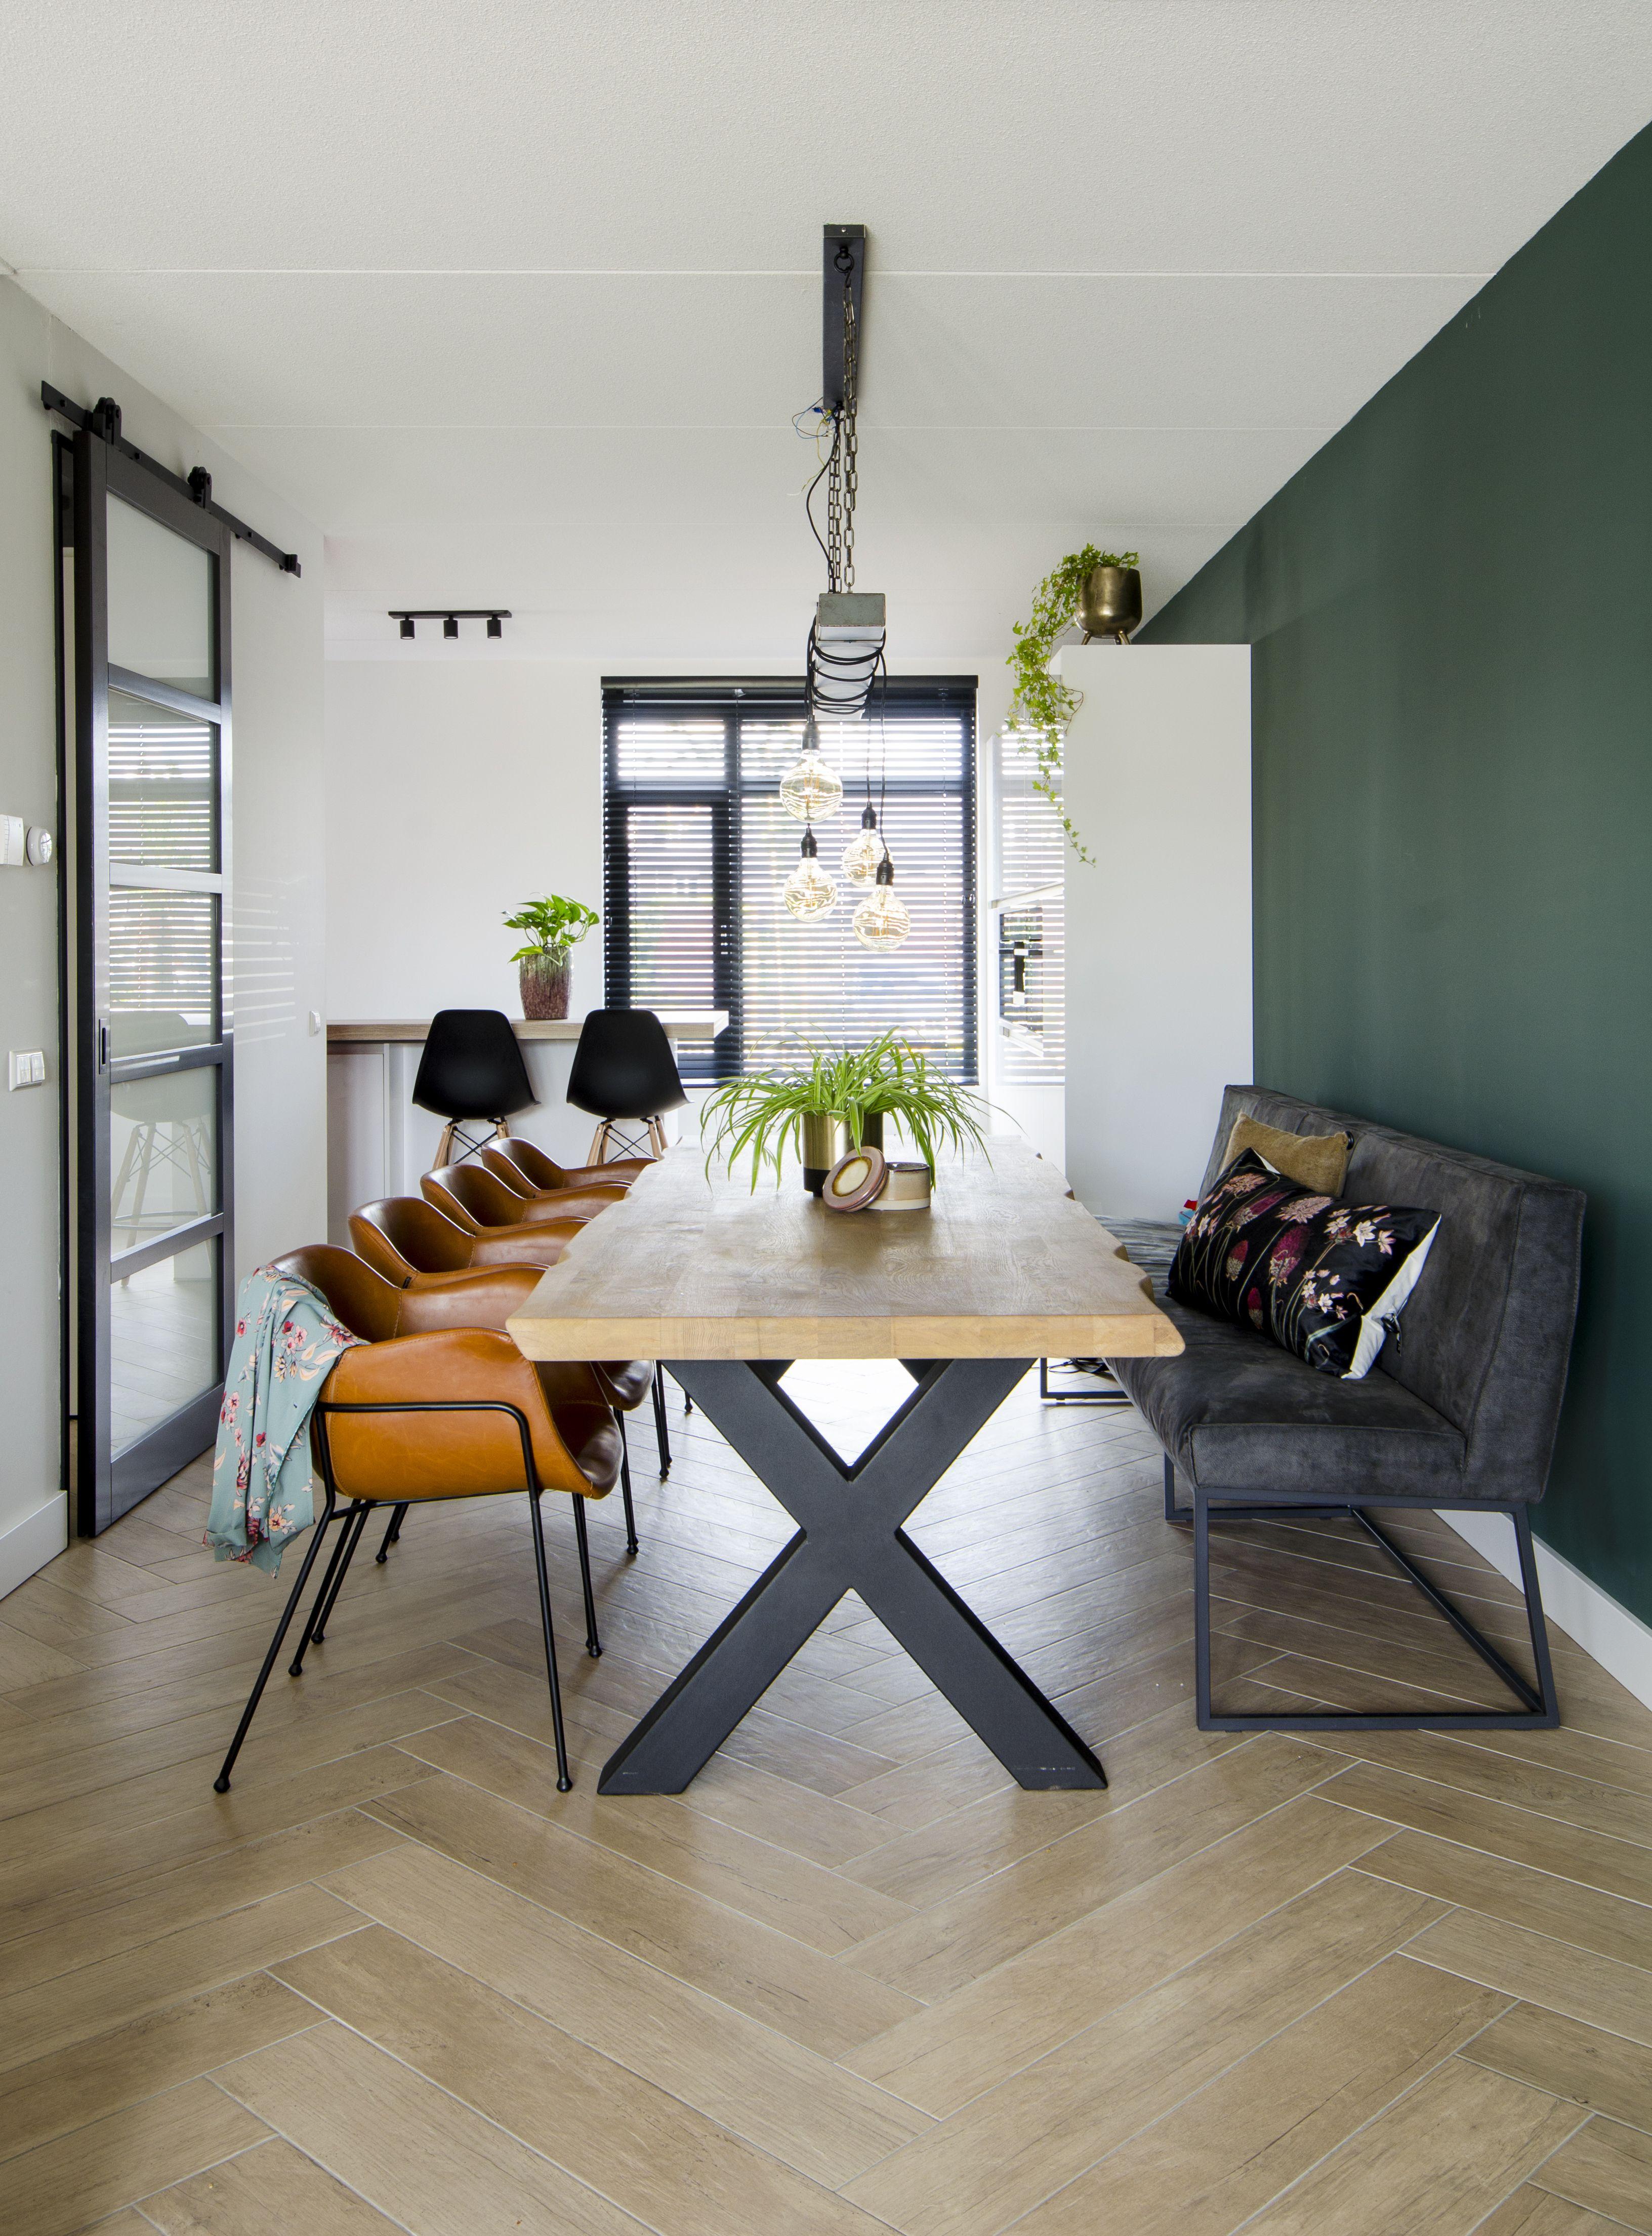 woonkamer binnenkijker interieur inspiratie eetkamer